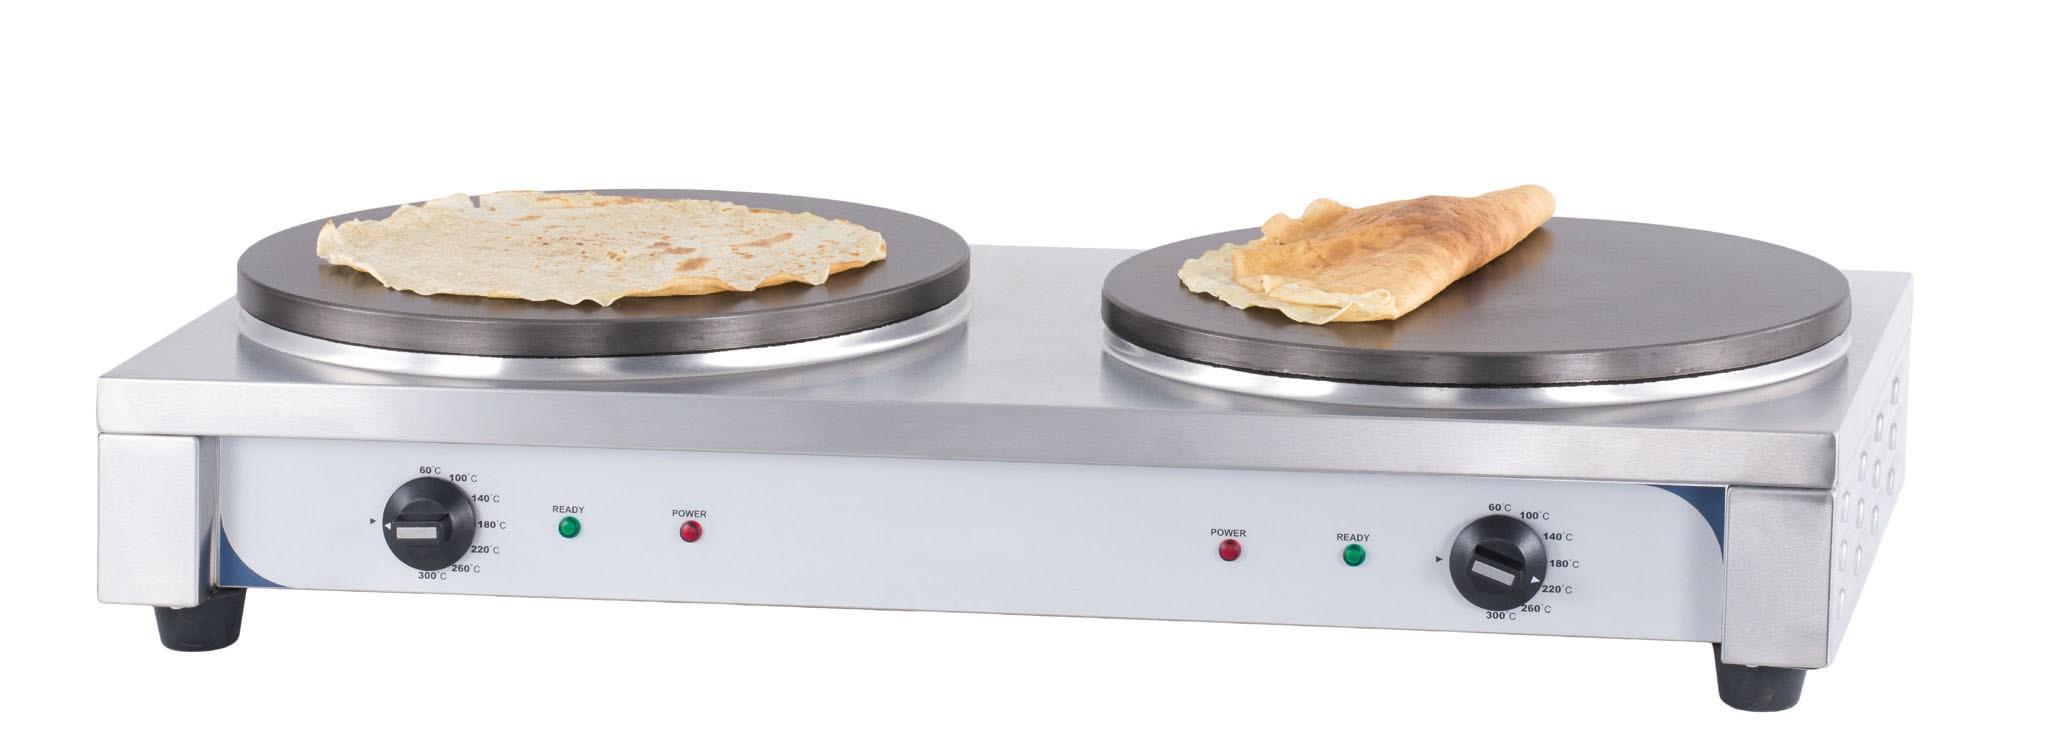 Materiel cr perie professionnel carr e double 40 for Accessoire cuisine professionnel